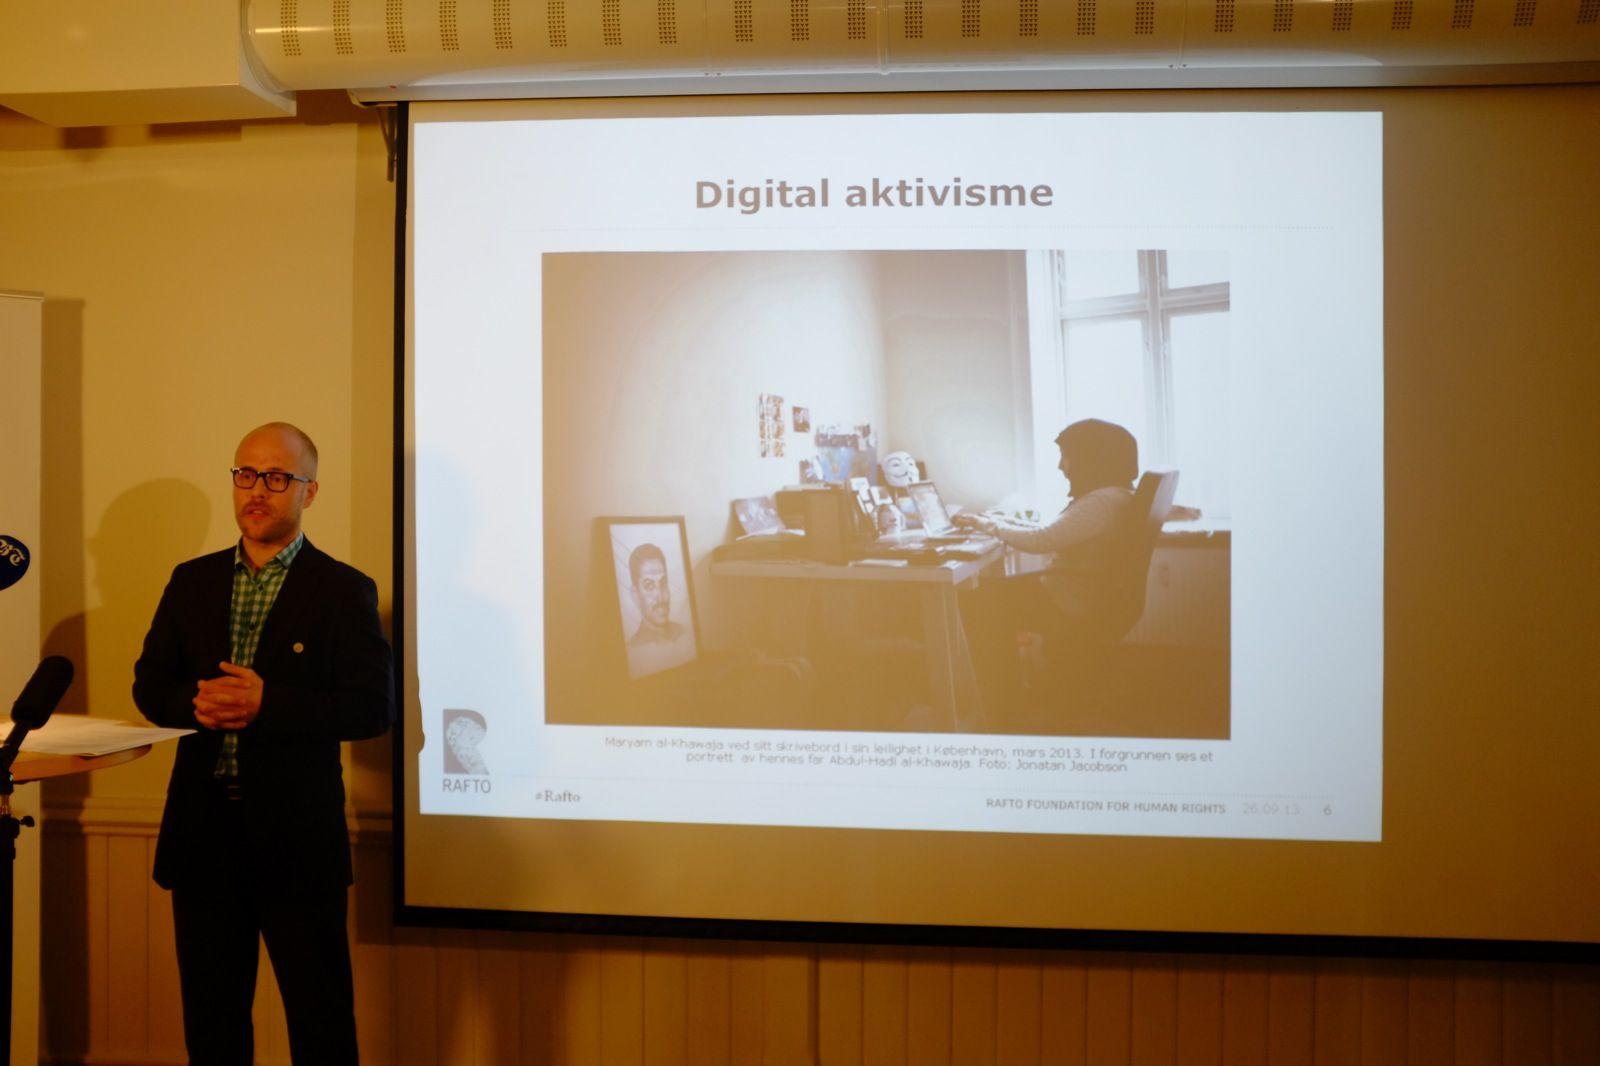 KUNNGJORDE: - Raftoprisen 2013 tildeles Bahrain Centre for Human Rights for deres langvarige og modige arbeid for fundamentale menneskerettigheter som ytringsfrihet og forsamlingsfrihet i Bahrain, sa Martin Paulsen, leder for priskomiteen.